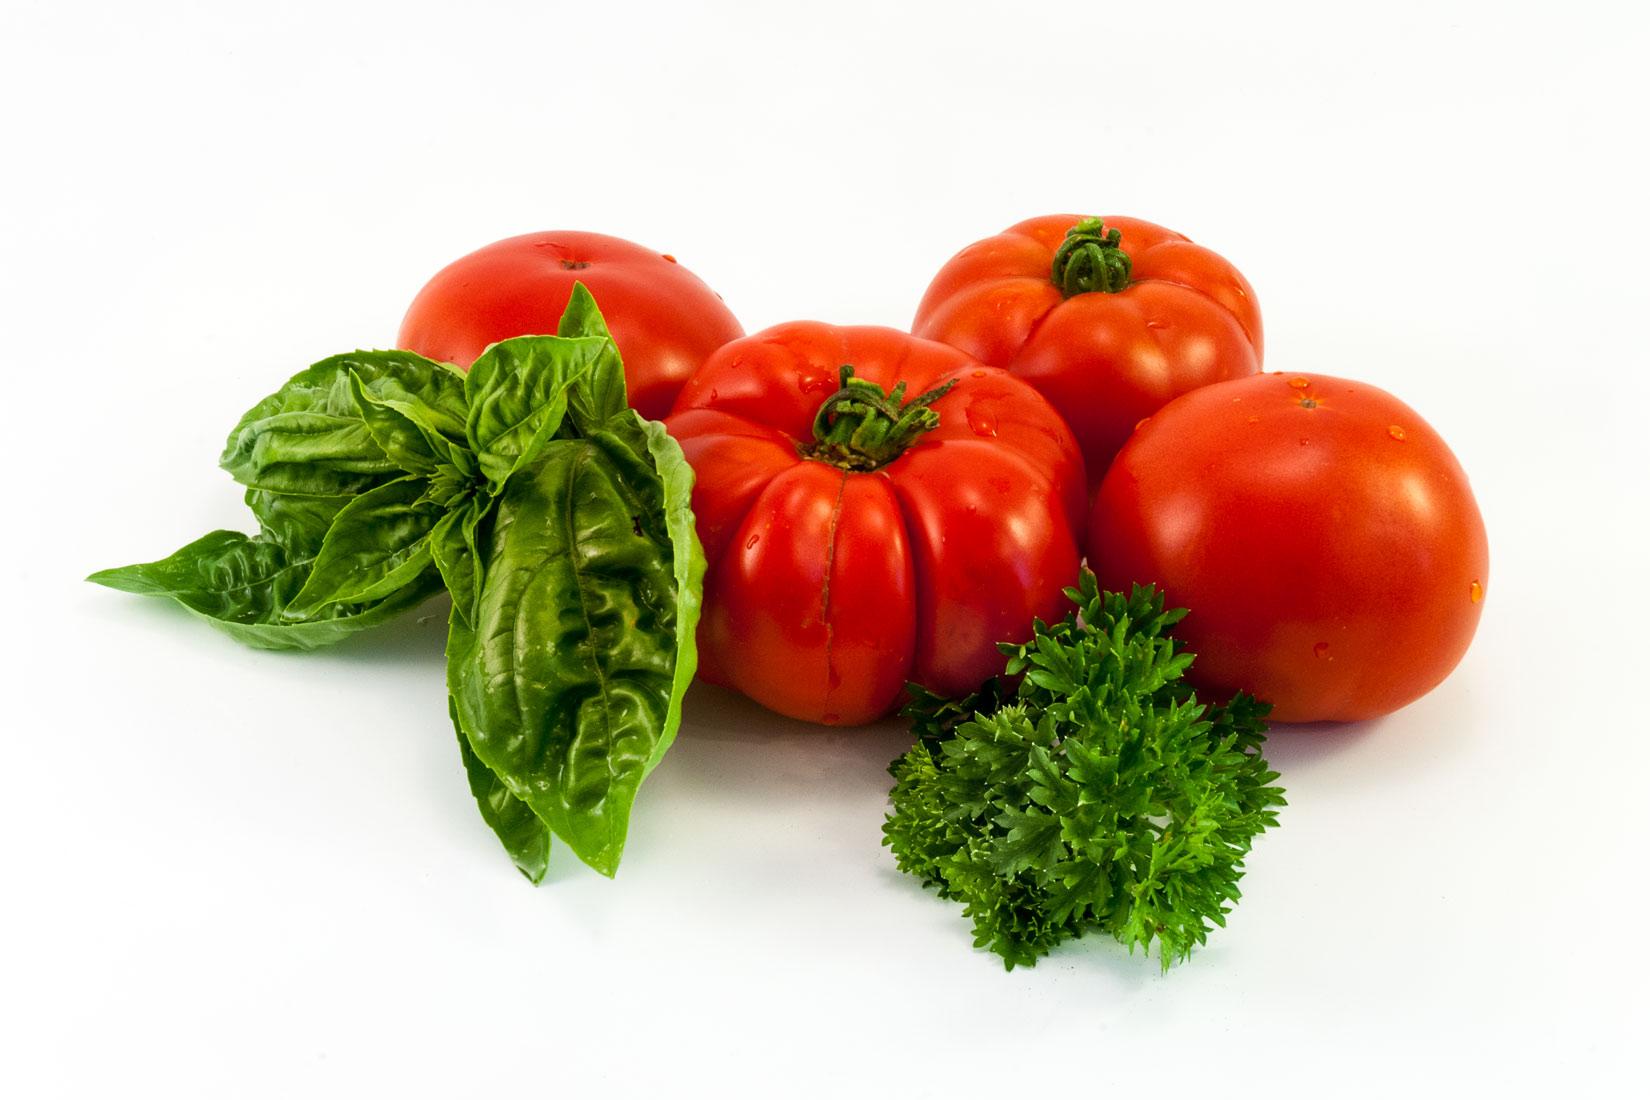 Doma vypěstovaná rajčata jsou slaďoučká a příjemně aromatická. Máta a petržel ovšem také!